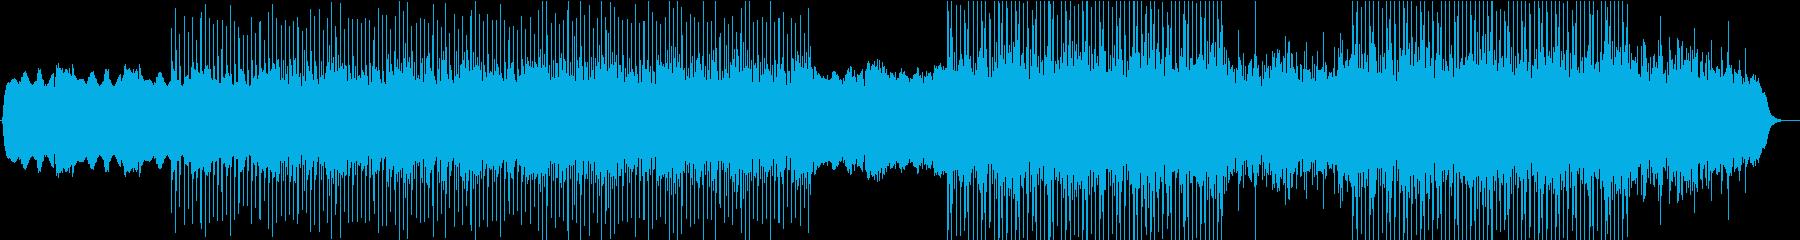 クールなダンスチューン インストの再生済みの波形